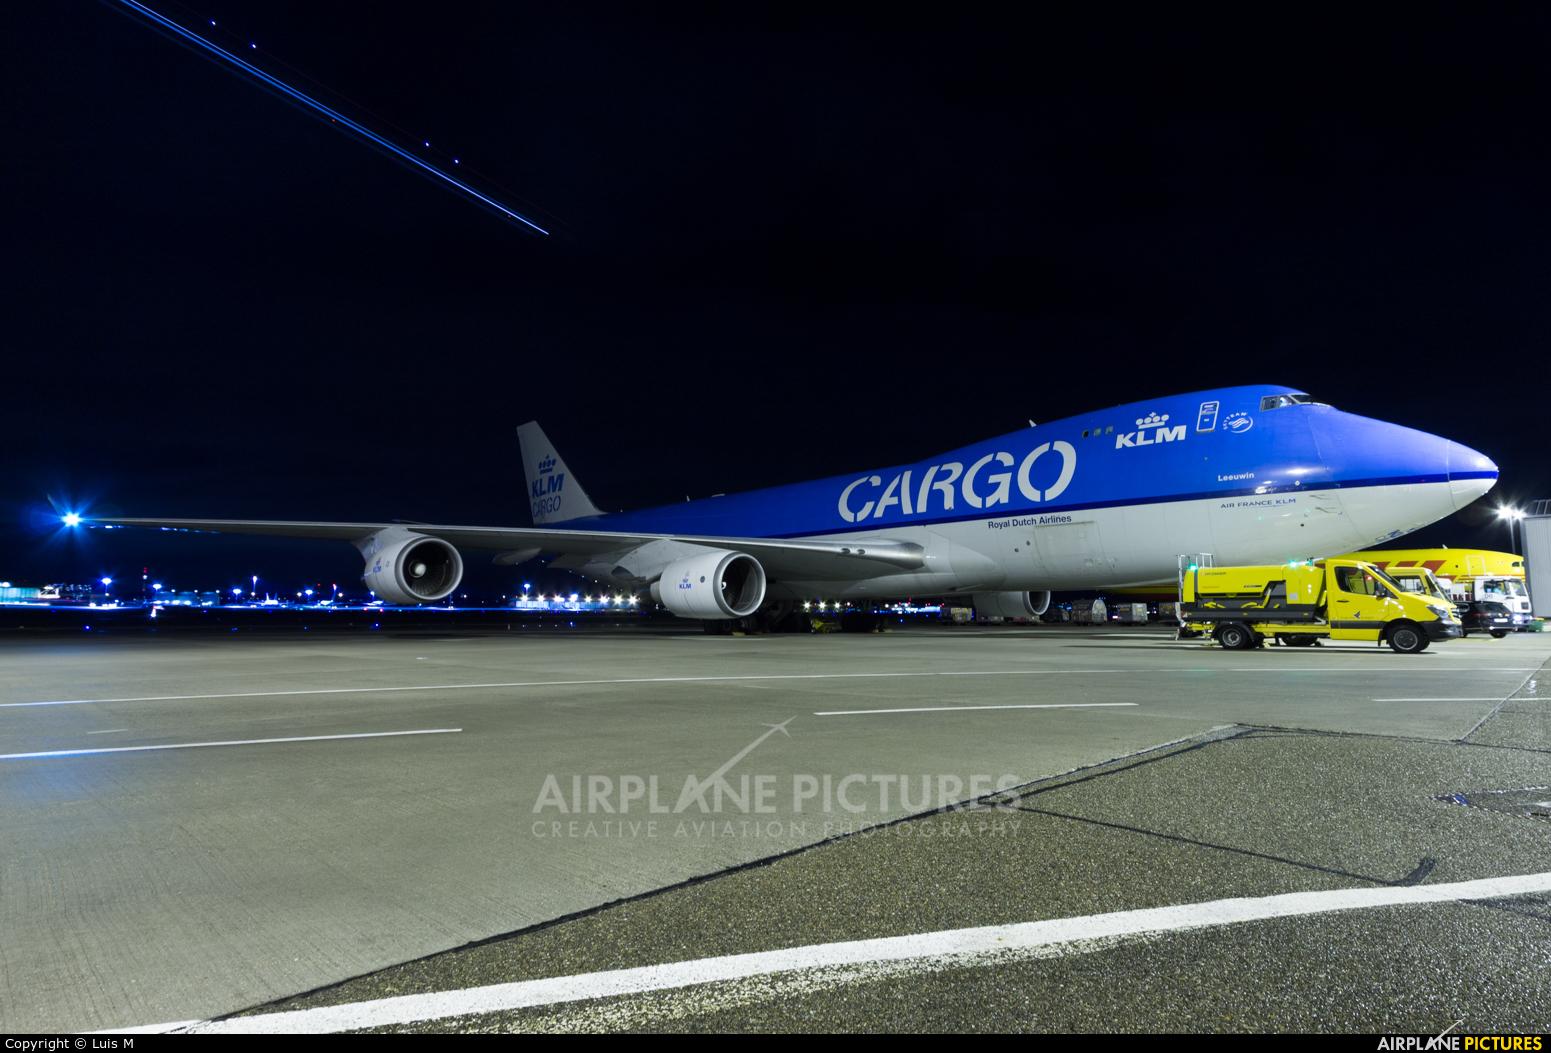 KLM Cargo PH-CKB aircraft at Stuttgart